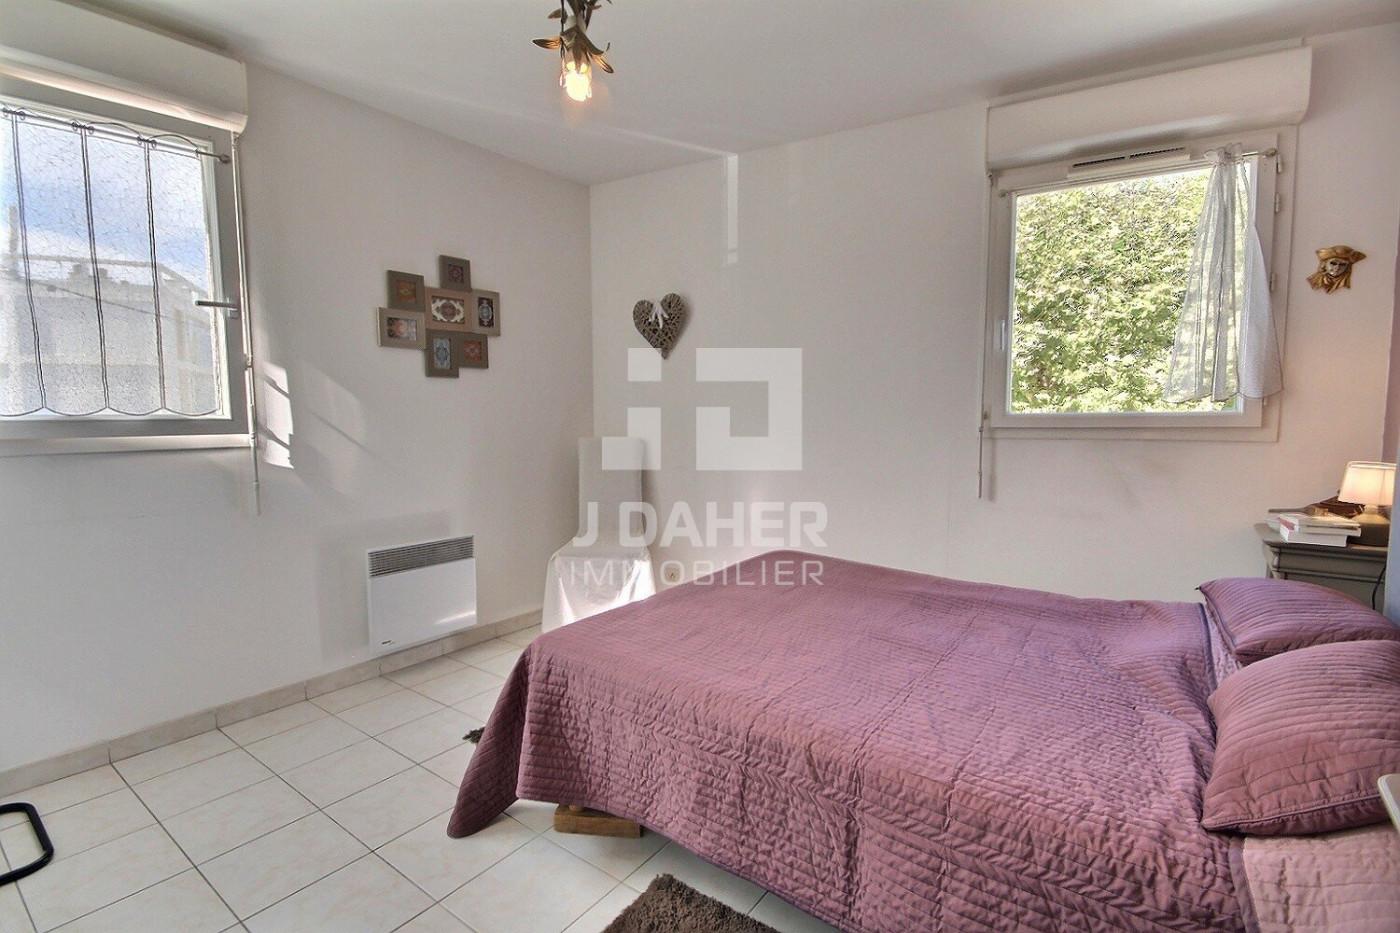 A vendre  Marseille 8eme Arrondissement | Réf 130251035 - J daher immobilier